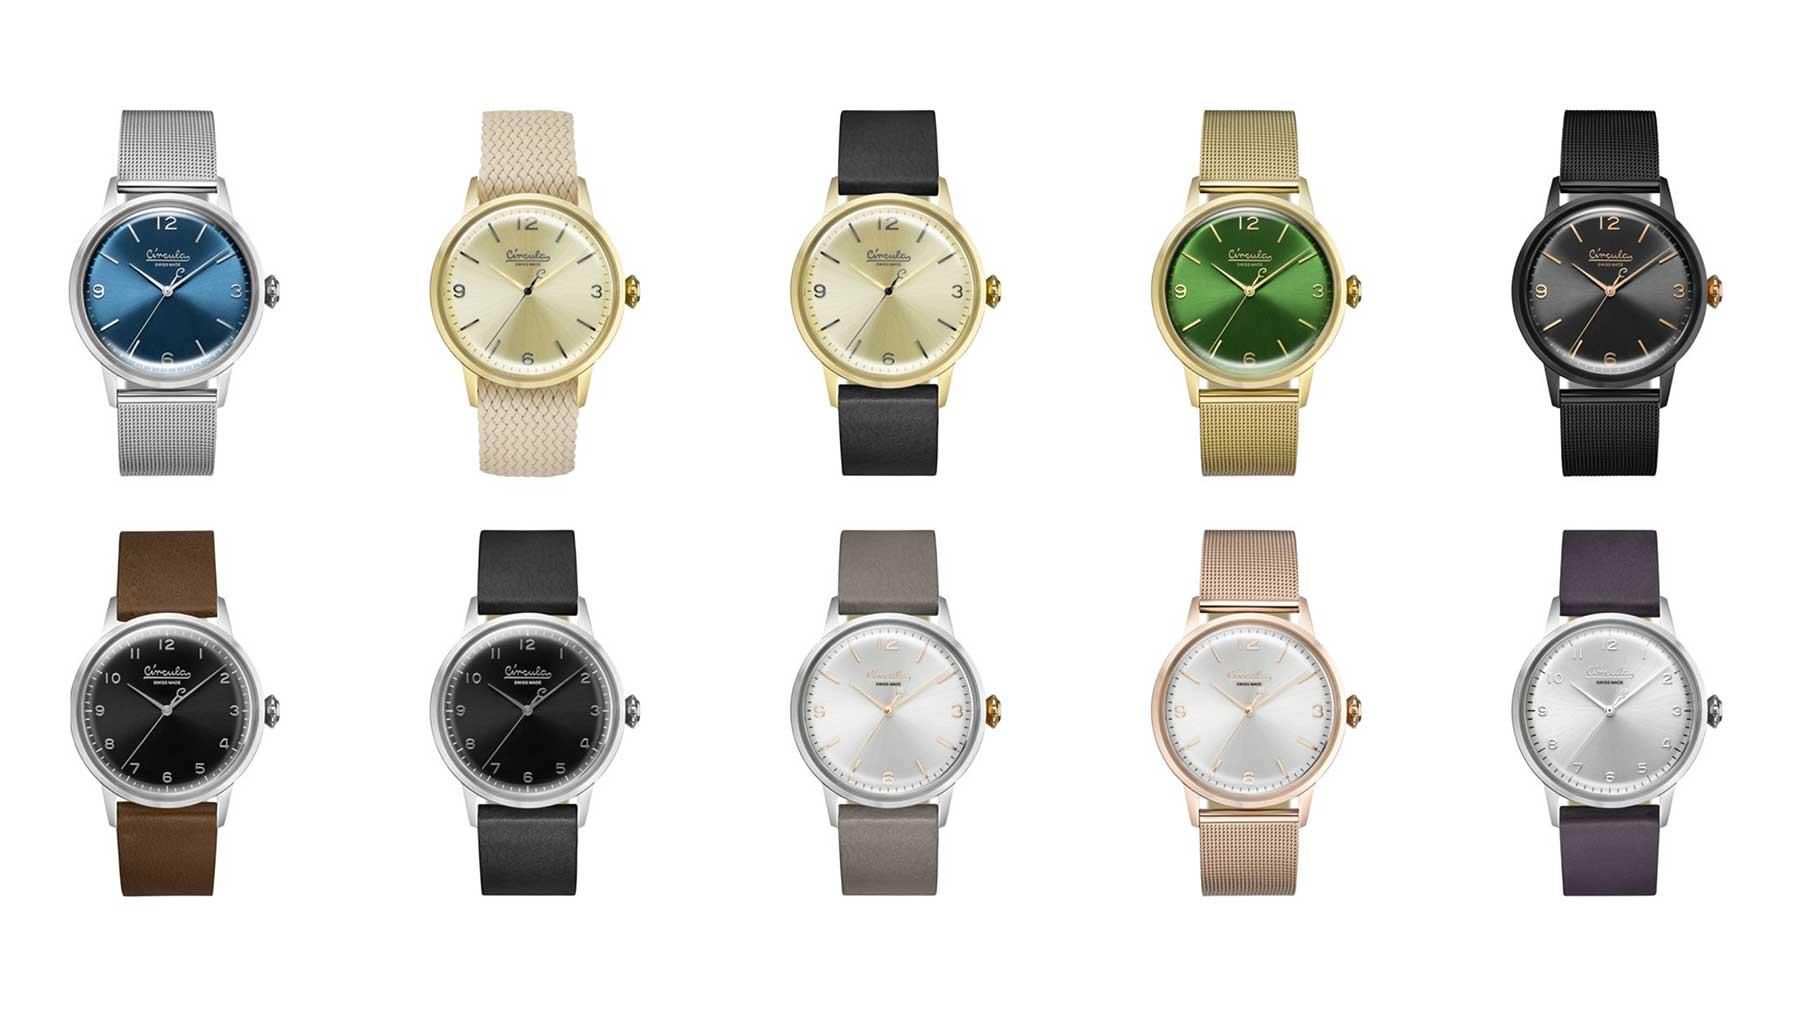 Rund. Praktisch. Gut: Circula Watches Circula-Watches_20